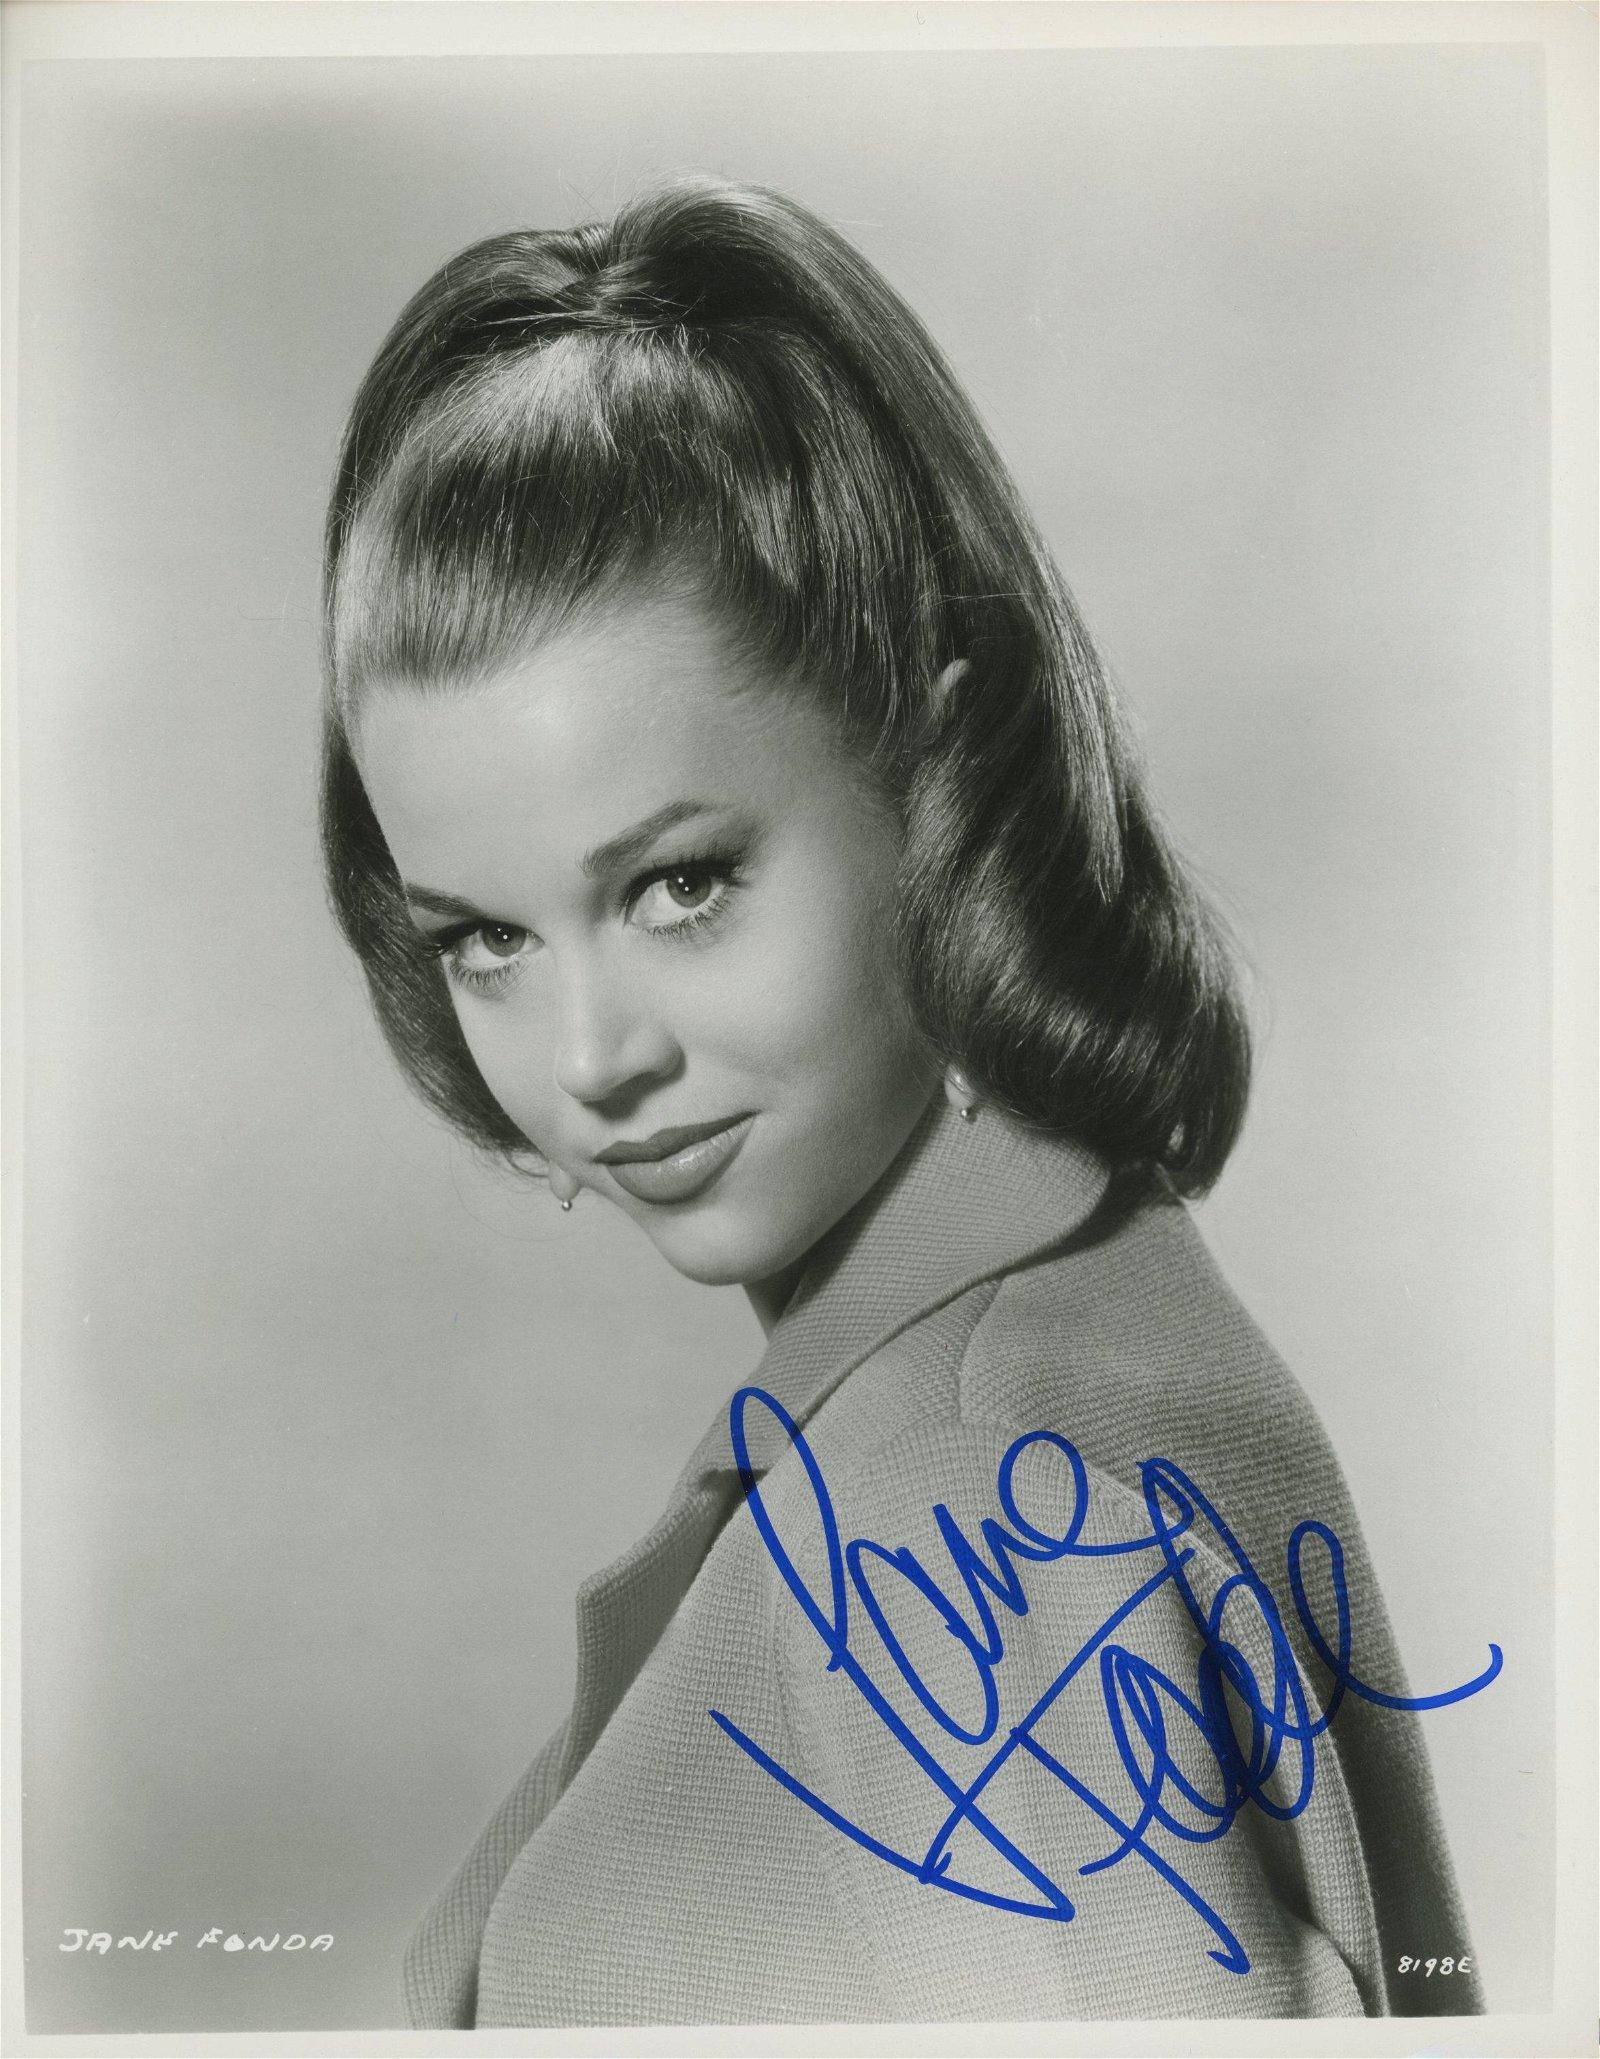 Jane Fonda signed photo